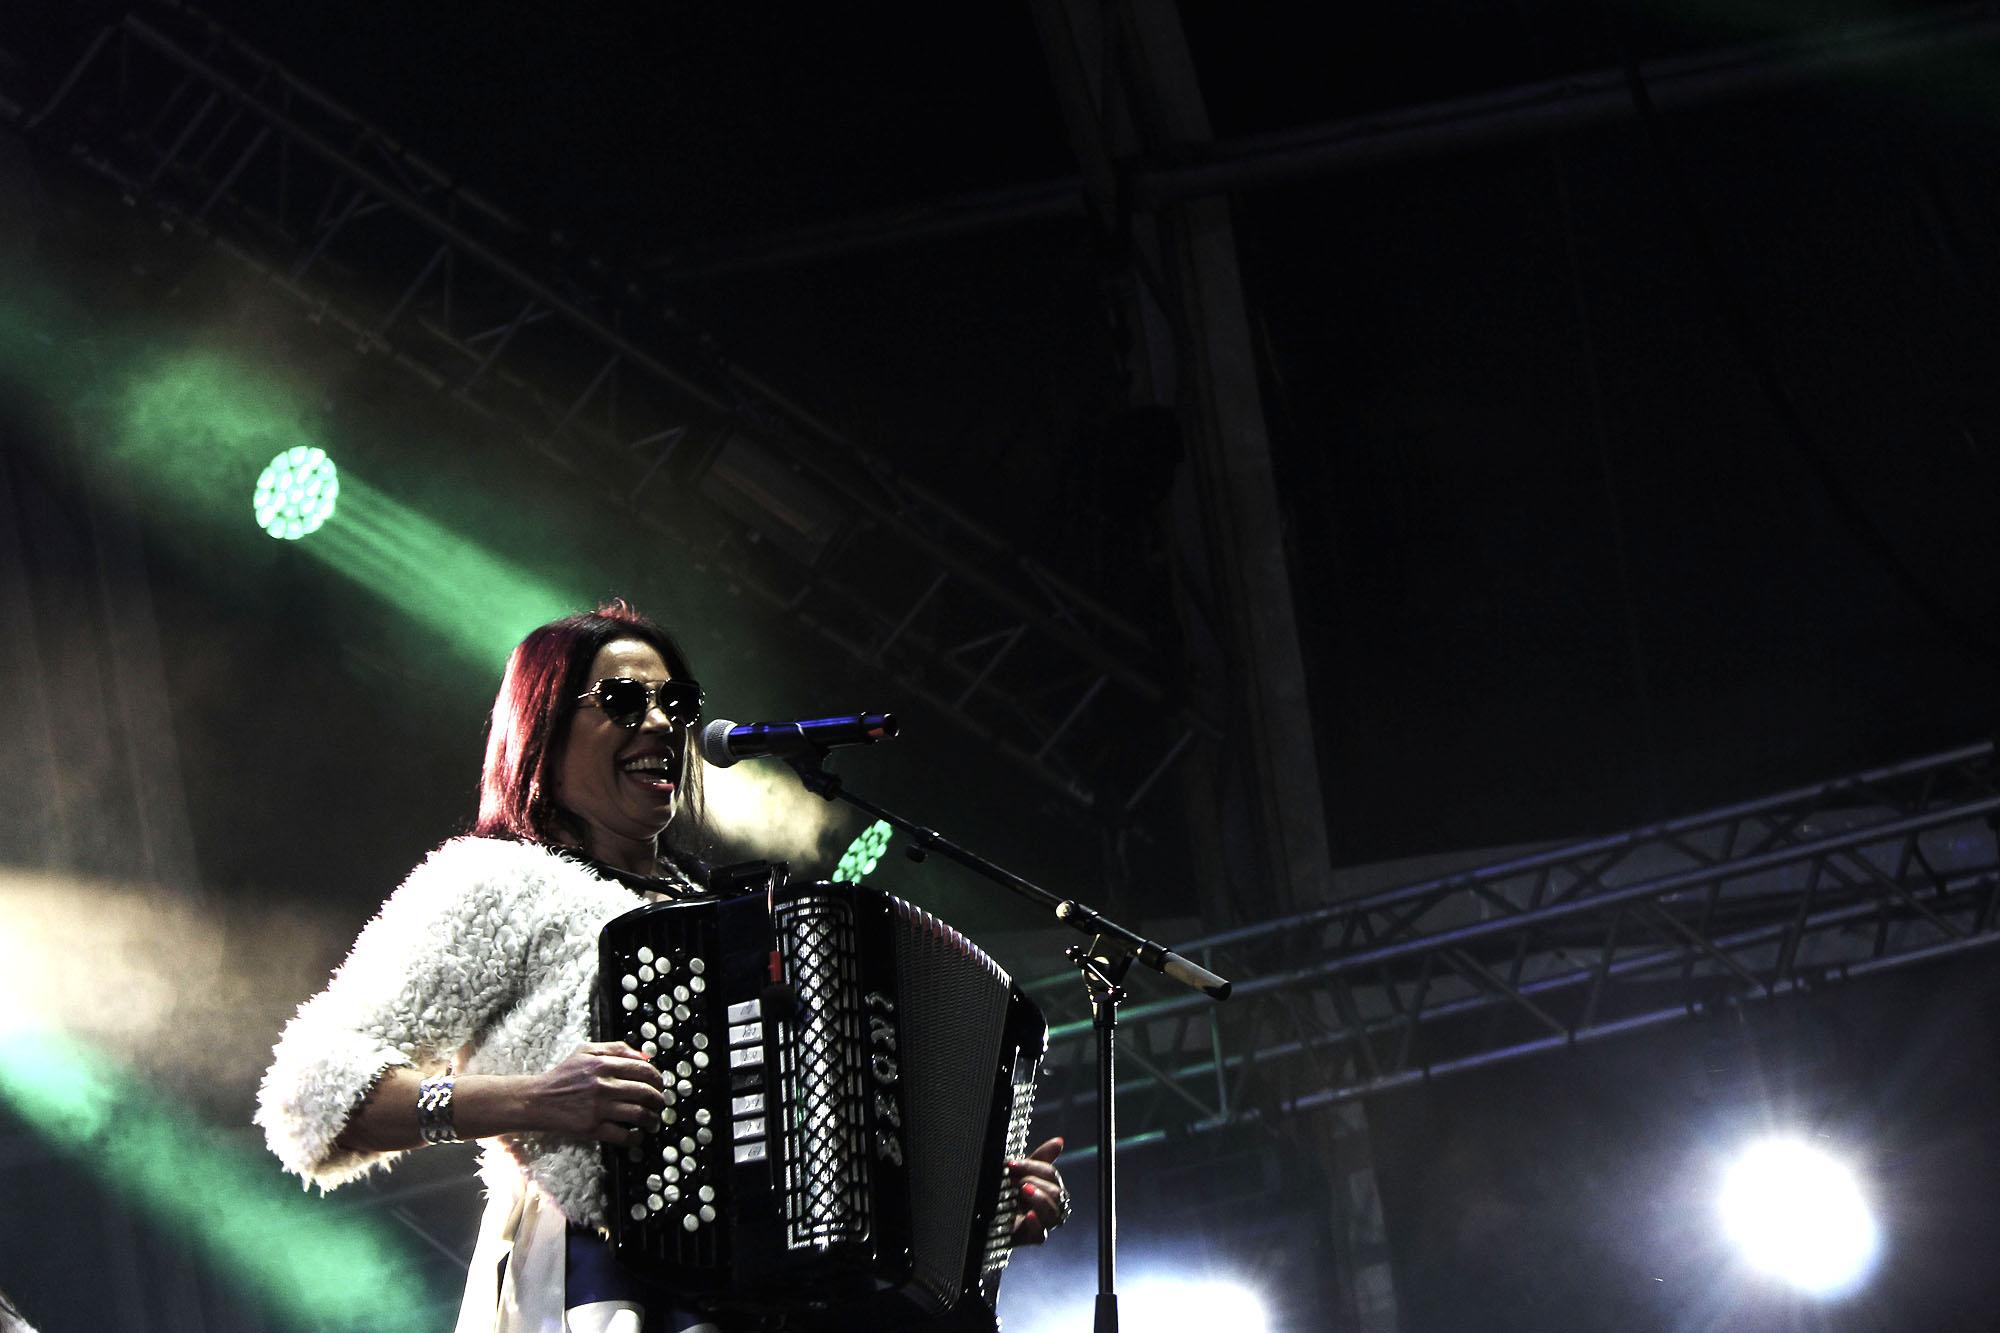 Rosinha atuou pela primeira vez na Queima das Fitas do Porto.